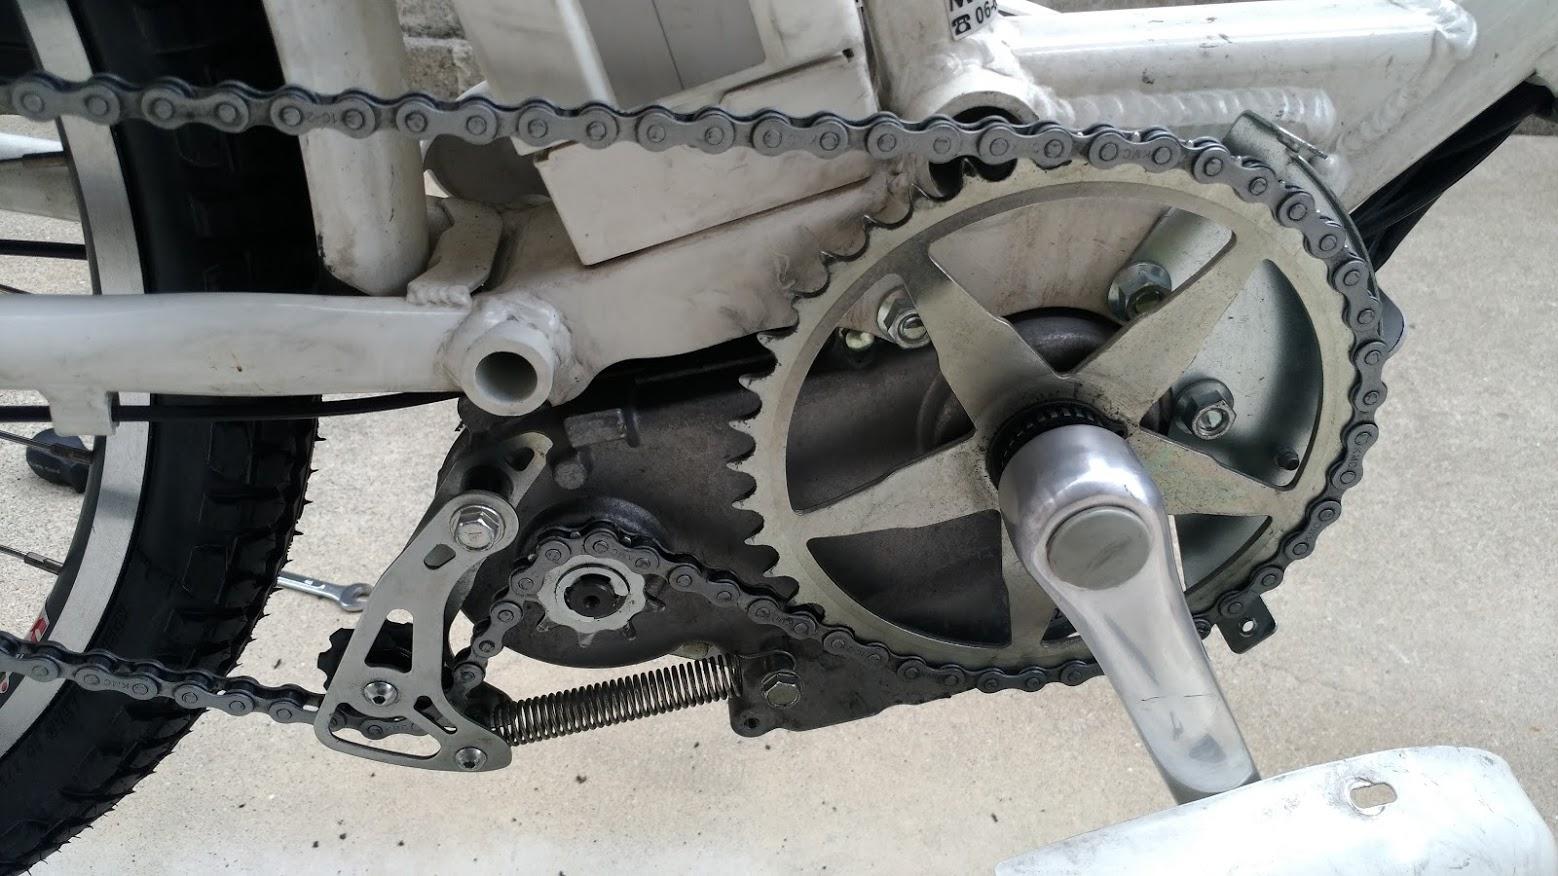 ブリヂストン hydee2 子供電動自転車 パンク タイヤ交換 -18-